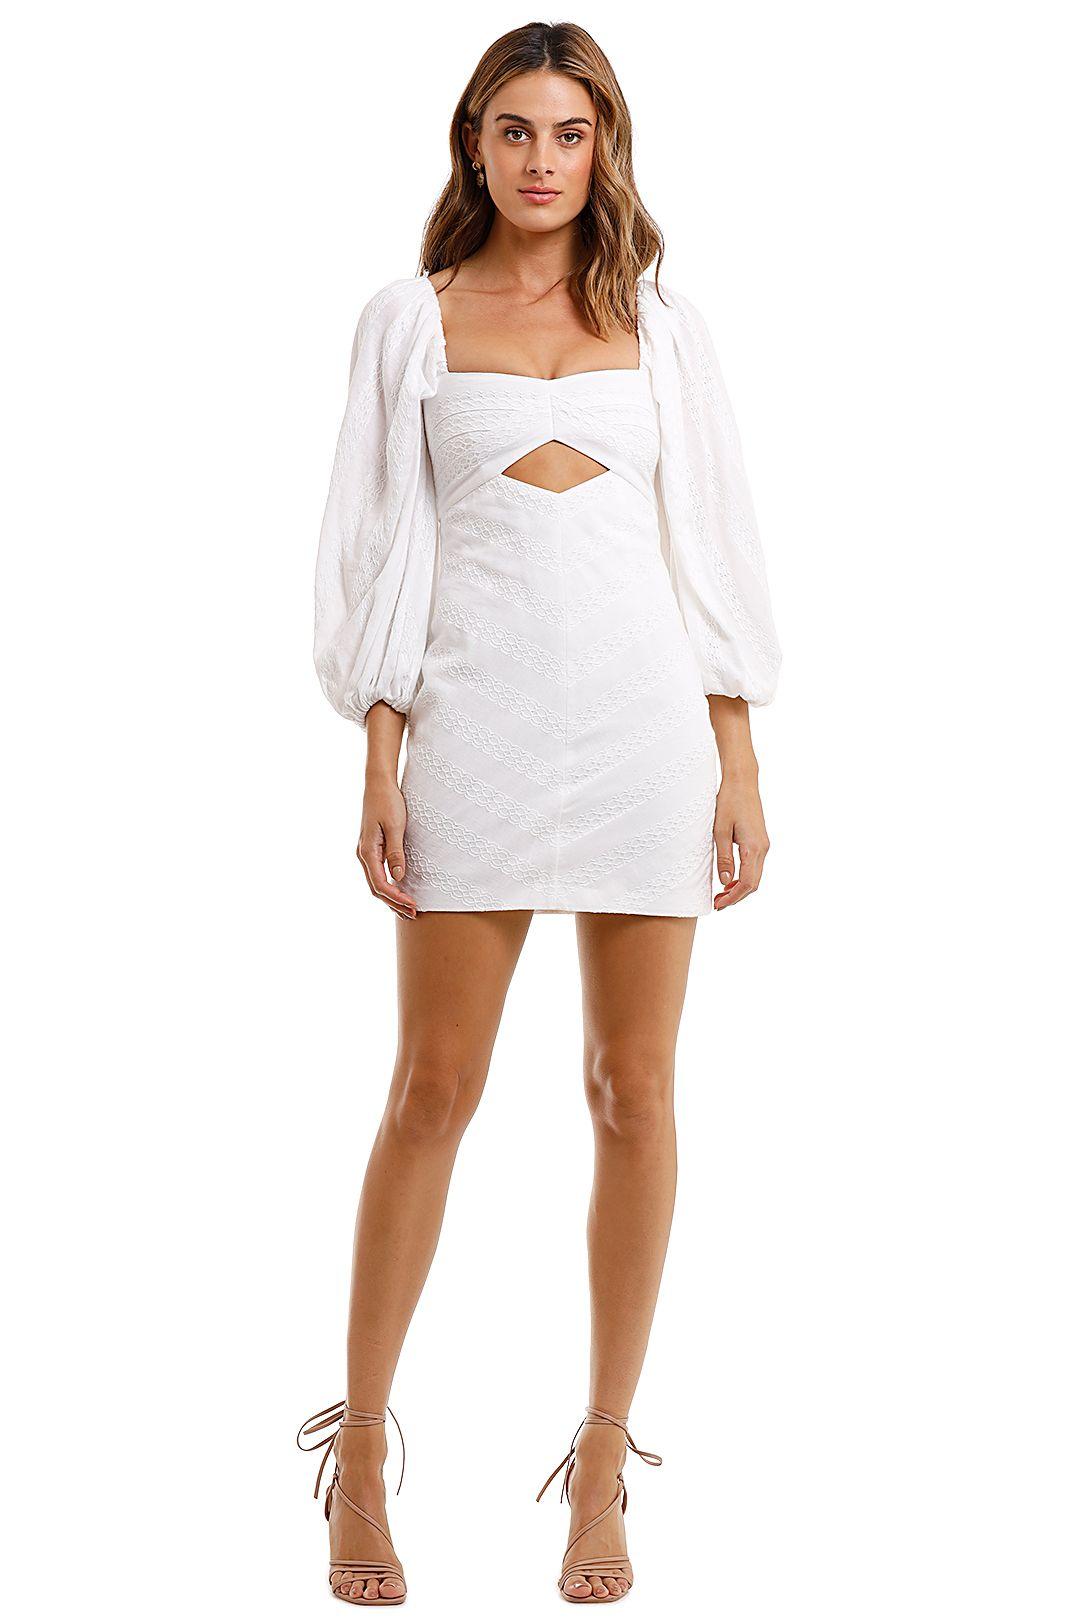 Bec and Bridge Romantique Mini Dress